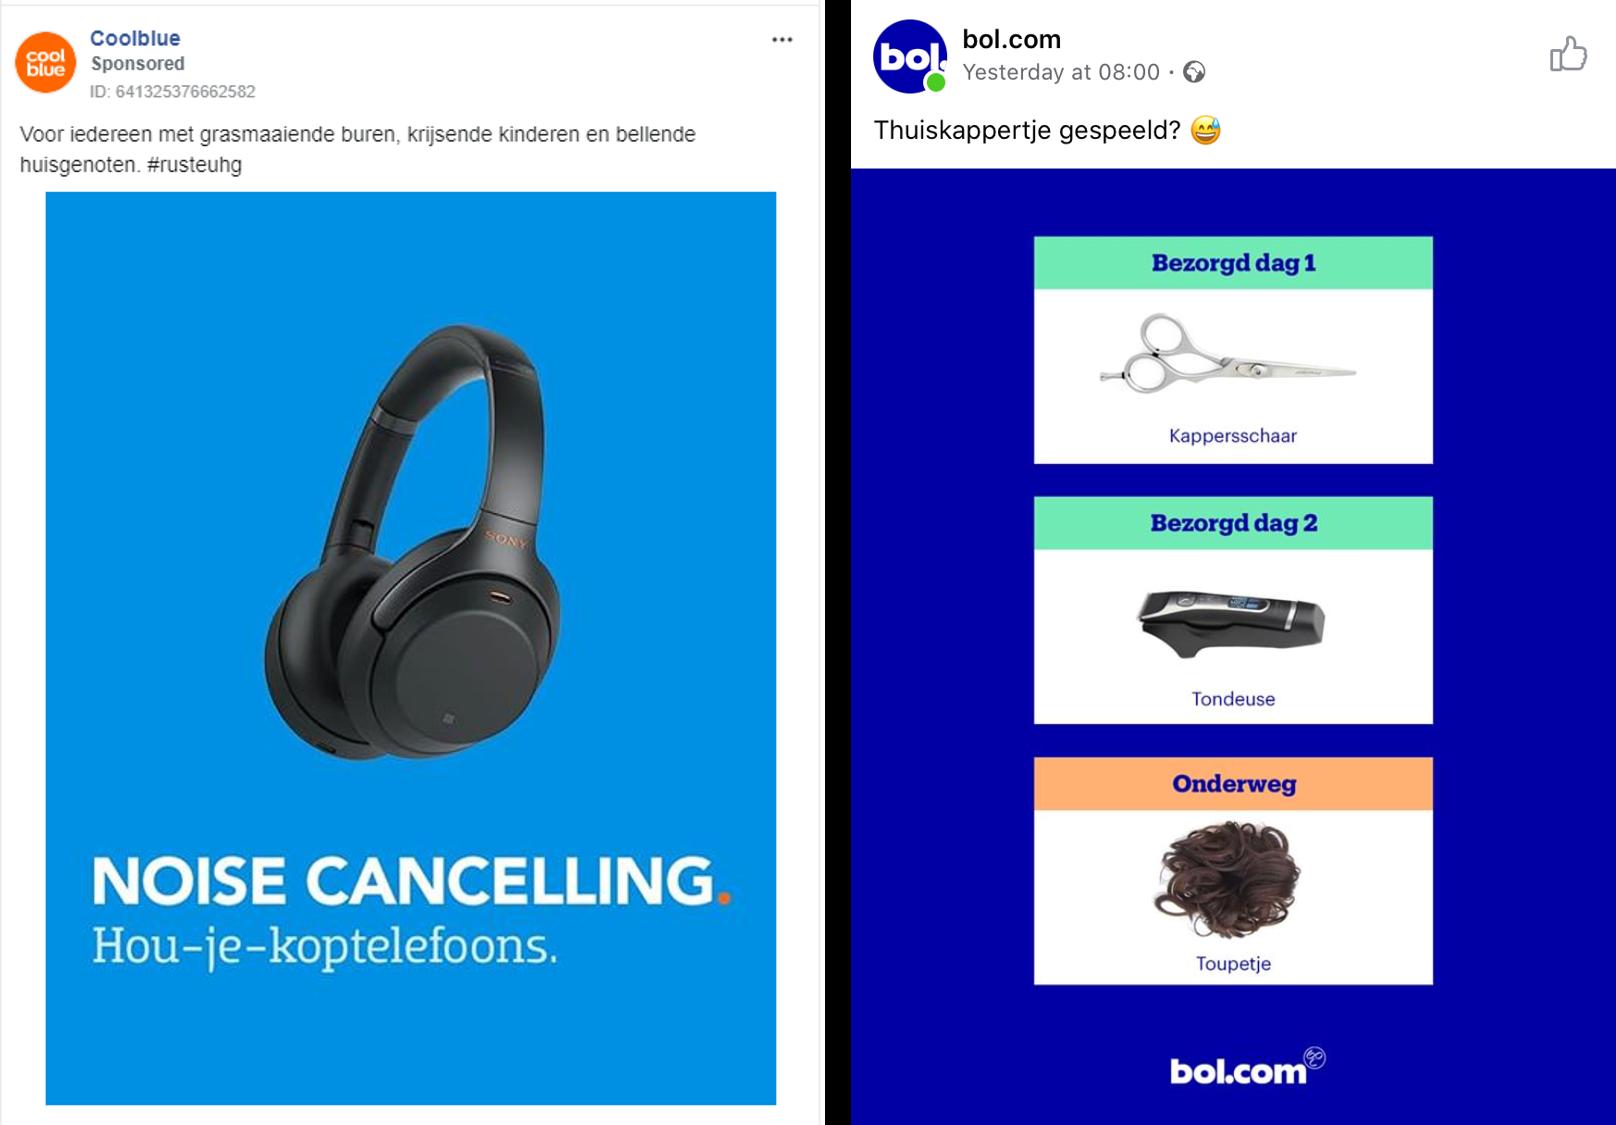 Bol.com en Coolblue gebruiken humor in hun advertenties